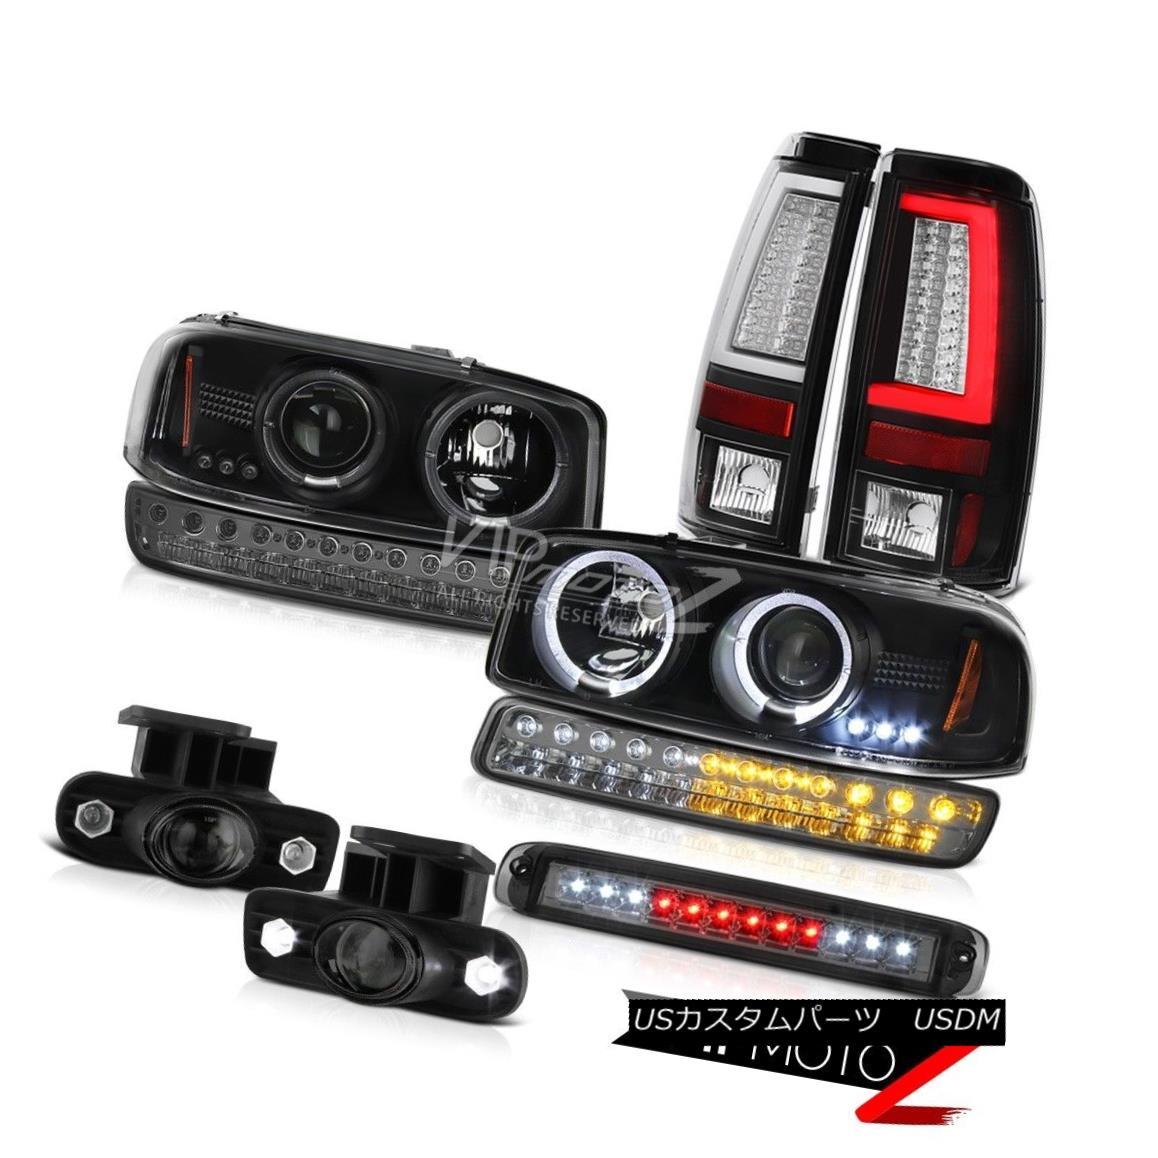 ヘッドライト 1999-2002 Sierra 1500 Taillights Roof Cargo Lamp Fog Lights Parking Headlights 1999-2002シエラ1500灯台カーゴランプフォグライトパーキングヘッドライト